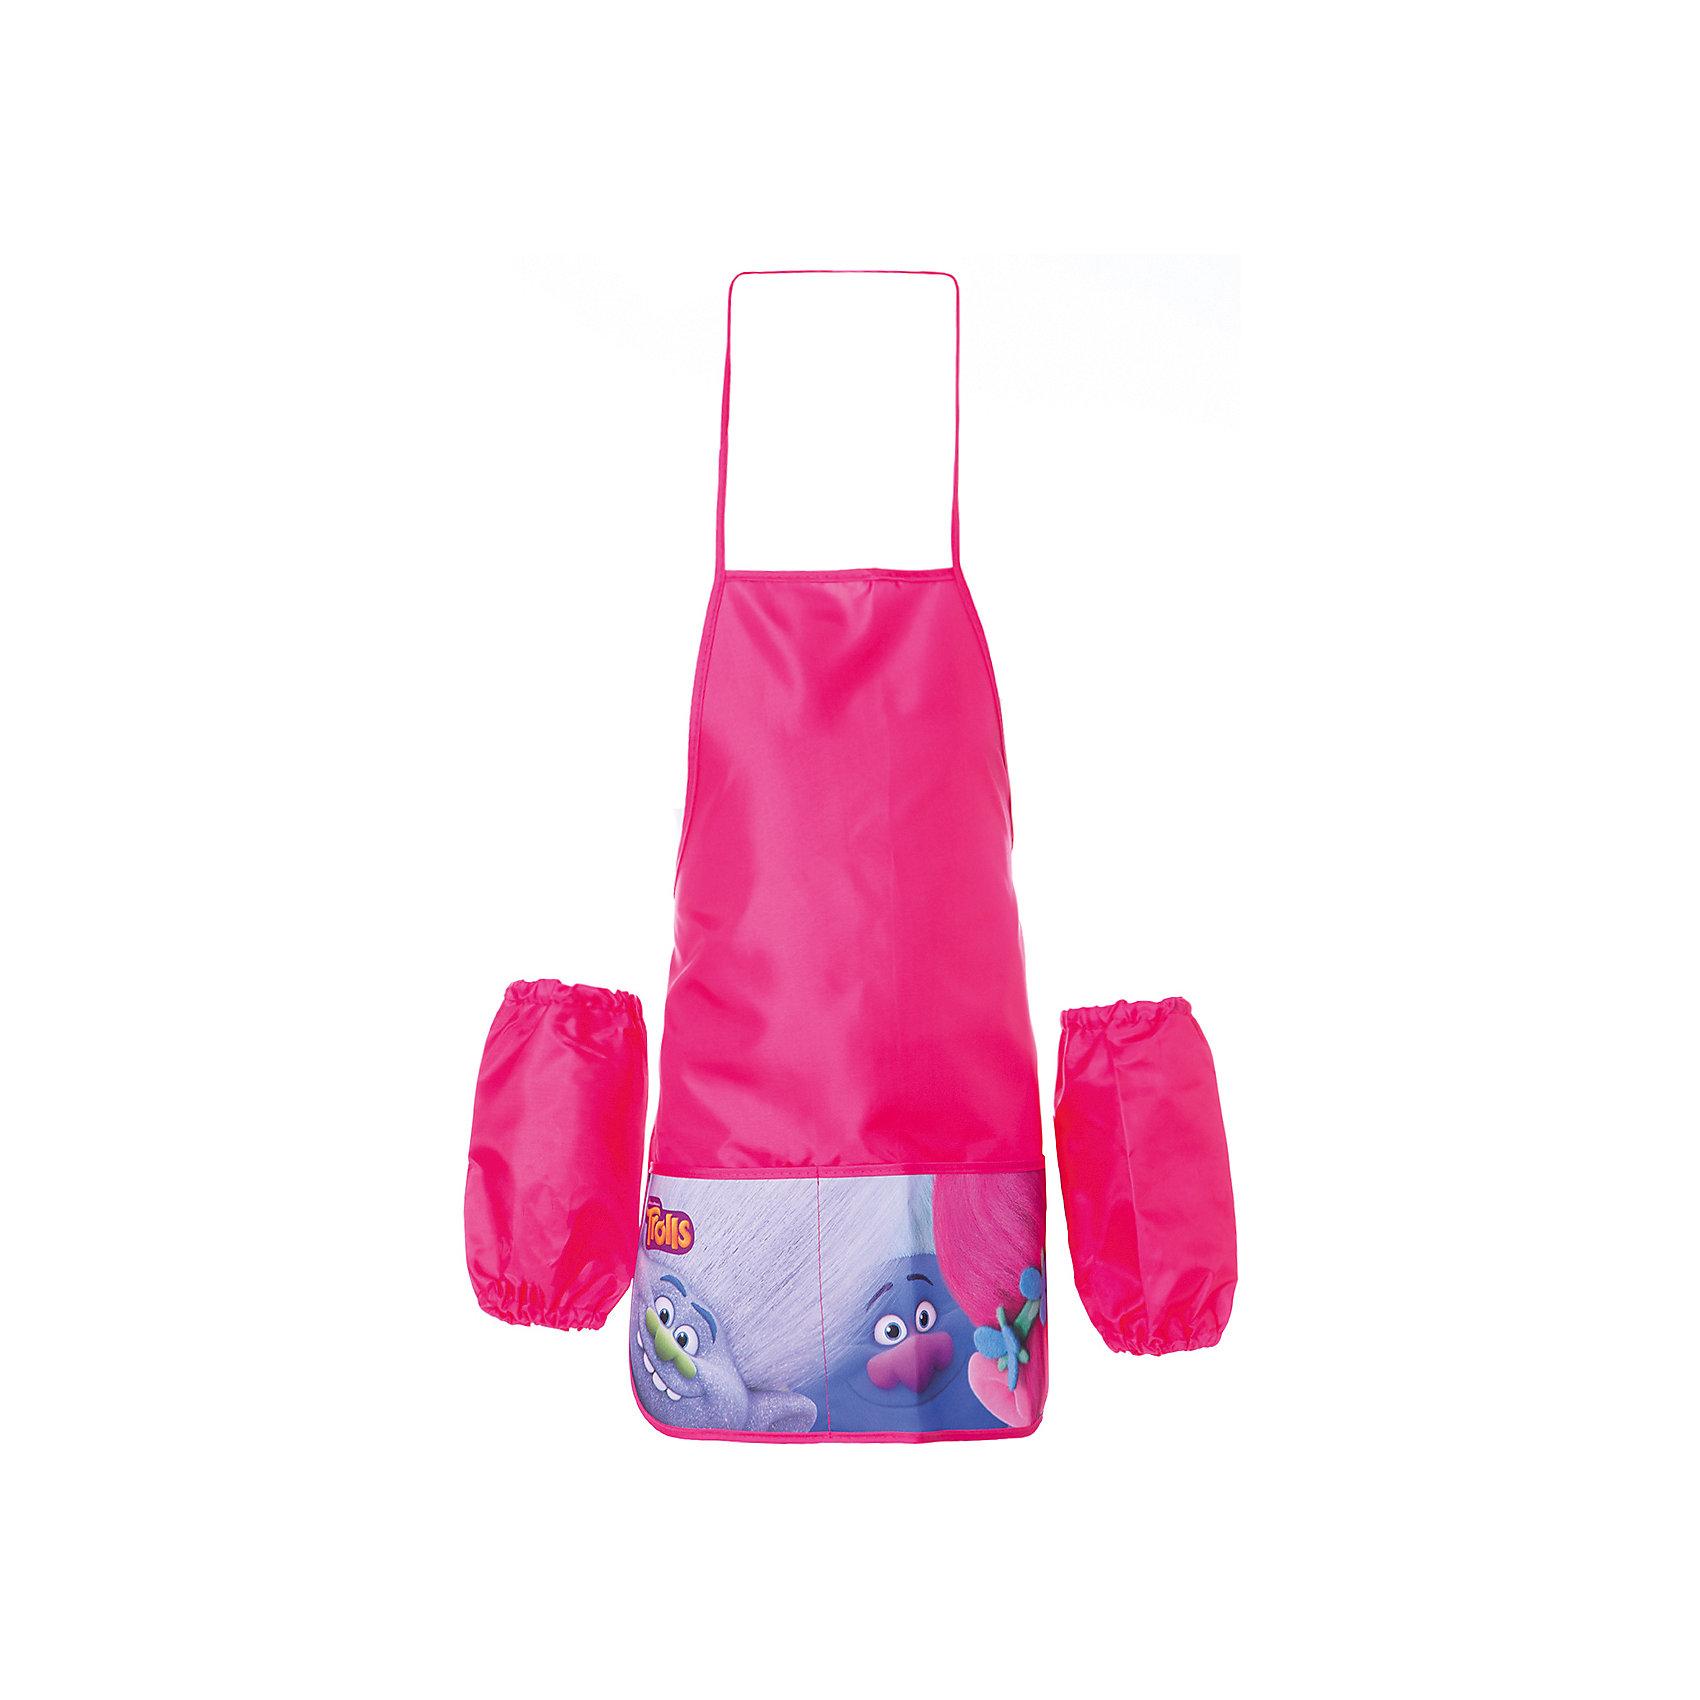 Фартук для труда с карманами ТроллиТролли<br>Фартук для труда с карманами Тролли <br><br>Характеристики:<br><br>• В набор входит: фартук, нарукавники.<br>• Состав: полиэстер<br>• Размер упаковки: 18 * 2 * 18 см.<br>• Вес: 120 г.<br>• Для детей в возрасте: от 3-х лет<br>• Страна производитель: Китай<br><br>Яркий и насыщенный розовый цвет понравится юным мастерицам и отлично подойдёт к любому наряду, а прочный и водонепроницаемый материал защитит одежду от пятен и неприятных творческих сюрпризов. Кроме самого фартука в набор входят и нарукавники и такого же материала. Фартук удобен в использовании также благодаря двум передним карманам, в которые можно складывать необходимые мелочи.  <br><br>Фартук для труда с карманами Тролли можно купить в нашем интернет-магазине.<br><br>Ширина мм: 20<br>Глубина мм: 180<br>Высота мм: 180<br>Вес г: 60<br>Возраст от месяцев: 36<br>Возраст до месяцев: 2147483647<br>Пол: Женский<br>Возраст: Детский<br>SKU: 5478249